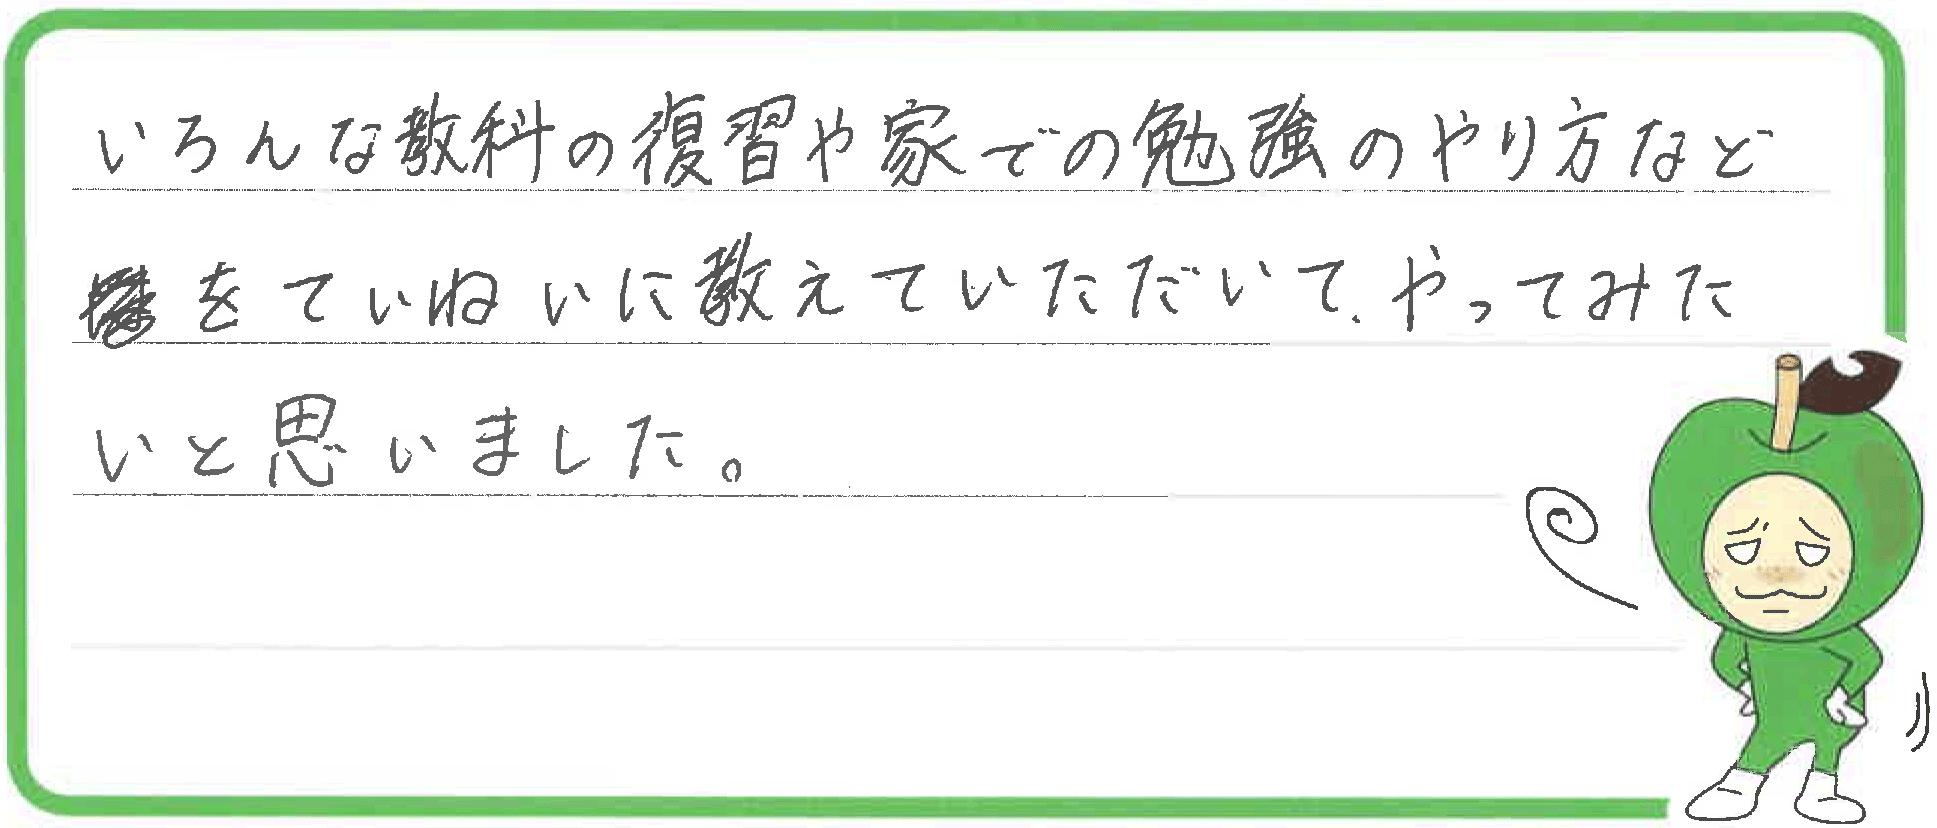 Rちゃん(富山市)からの口コミ